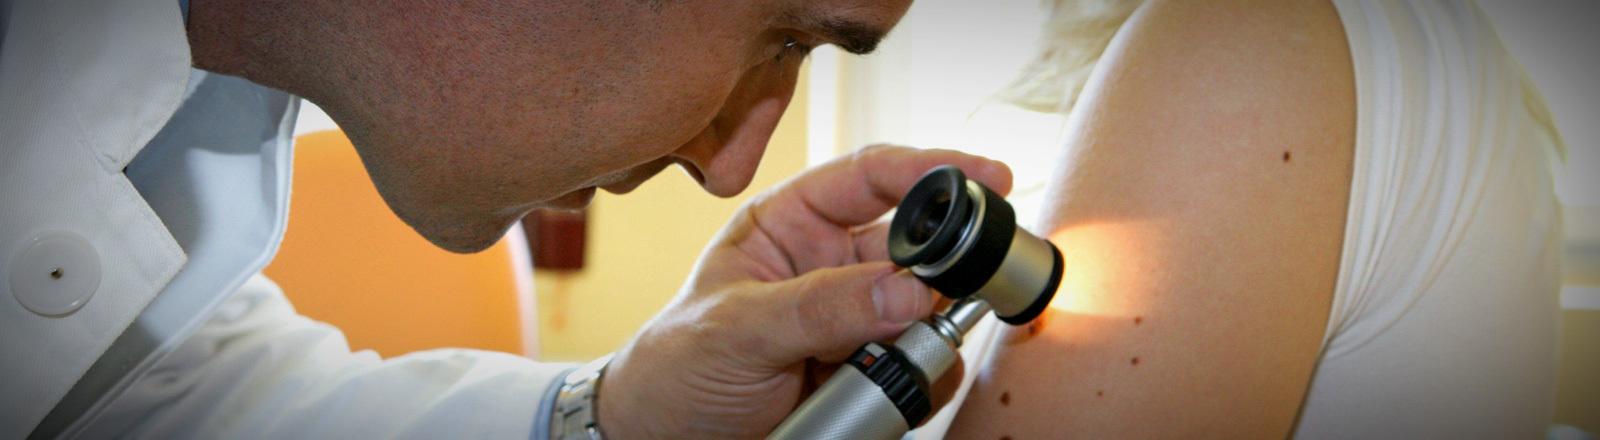 Ein Hautarzt untersucht die Haut einer Patientin.